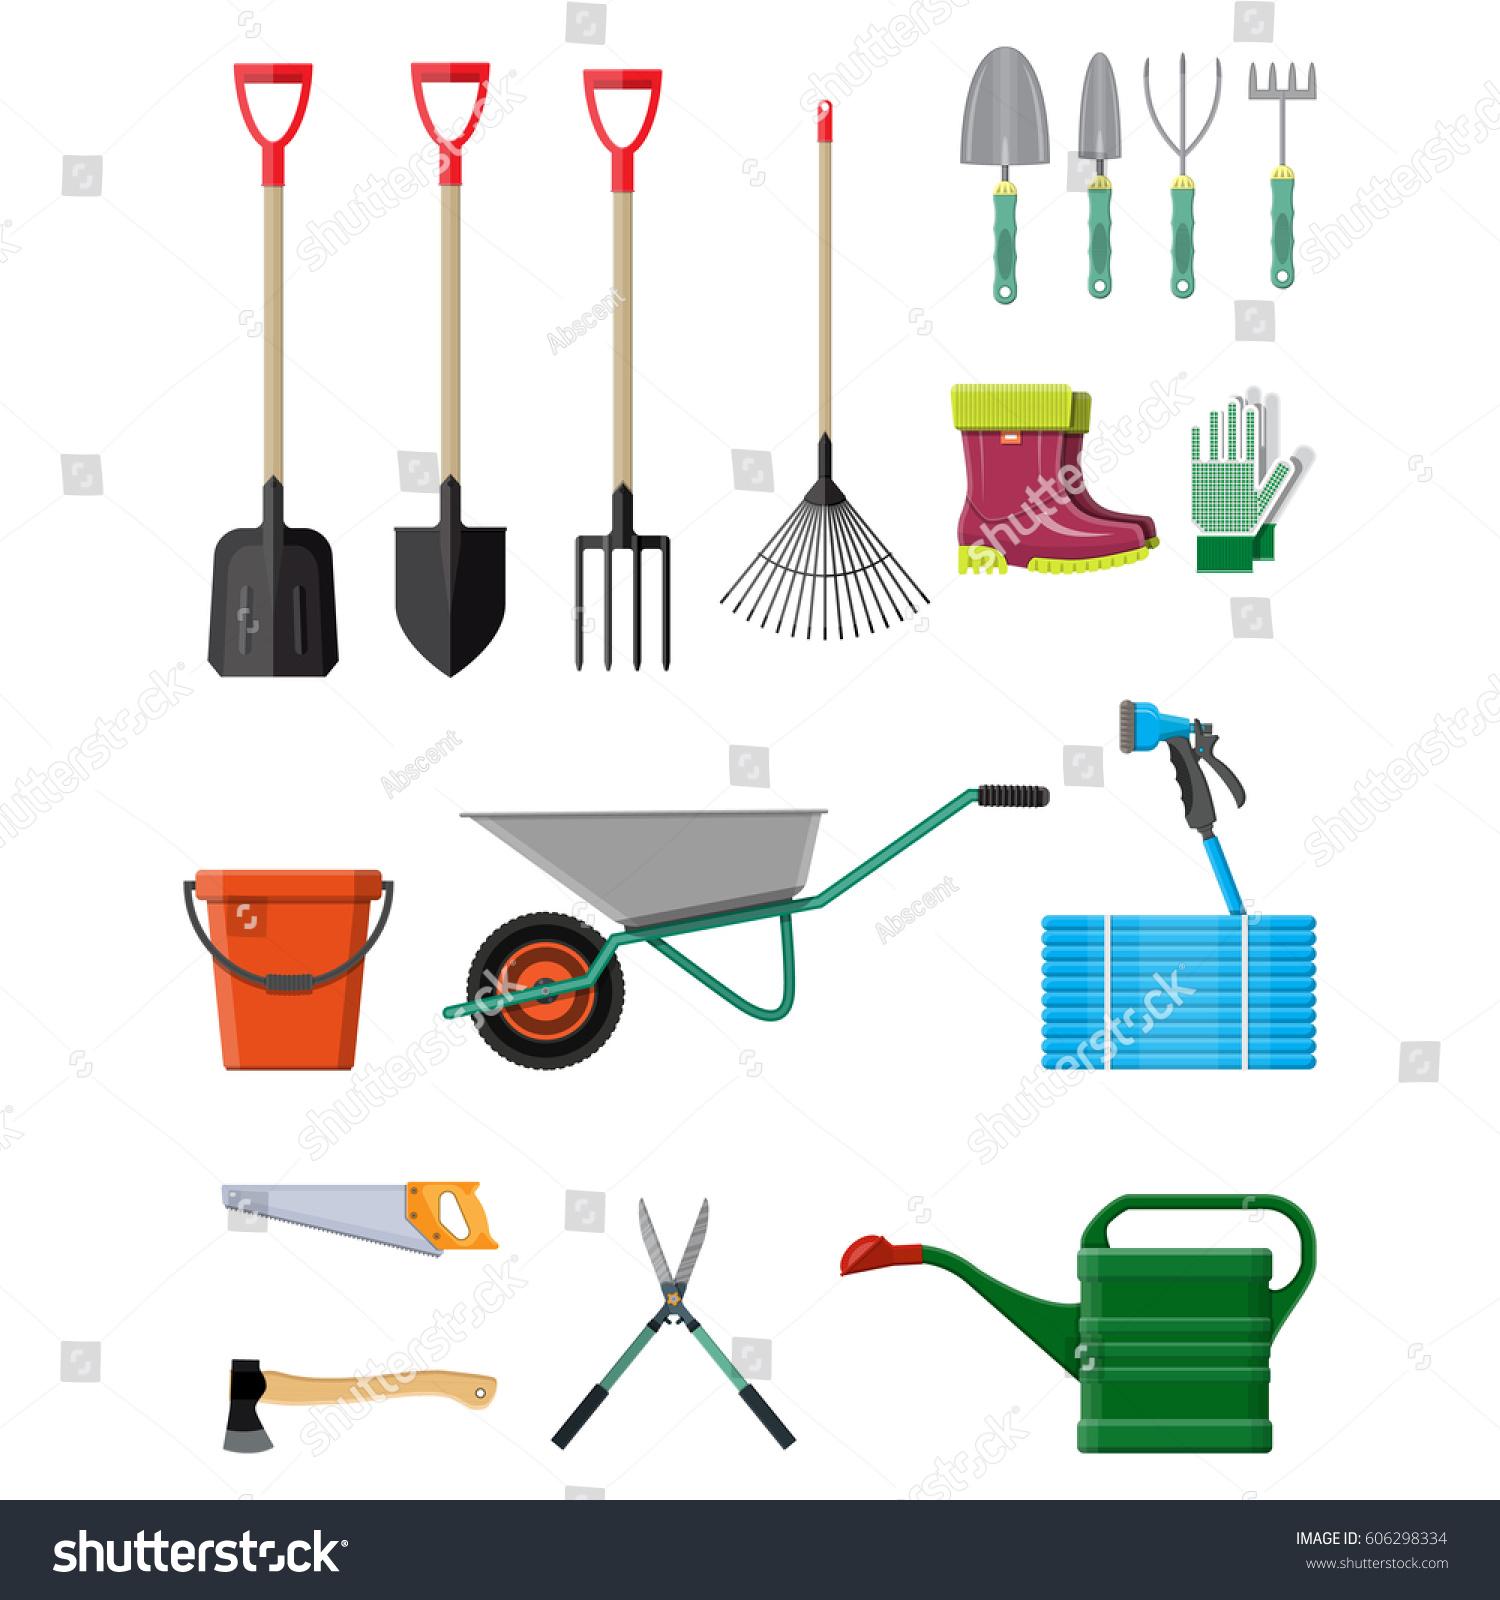 Gardening tools set equipment garden saw stock vector for Gardening tools vector